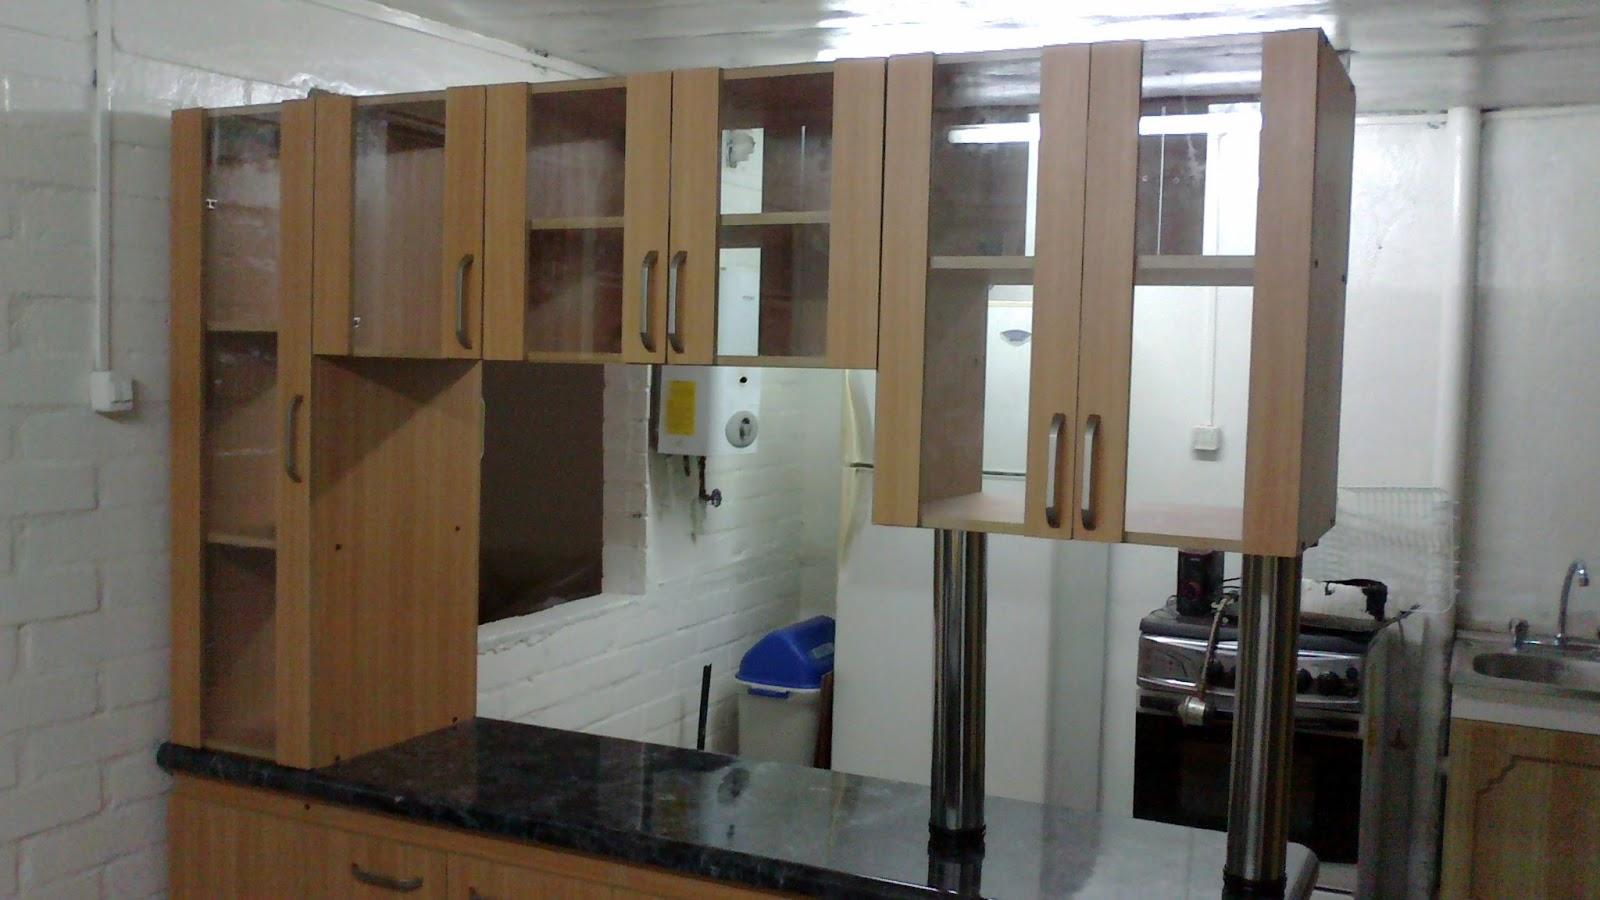 Silva e hijos mueble cocina americana for Imagenes de muebles de cocina americanas